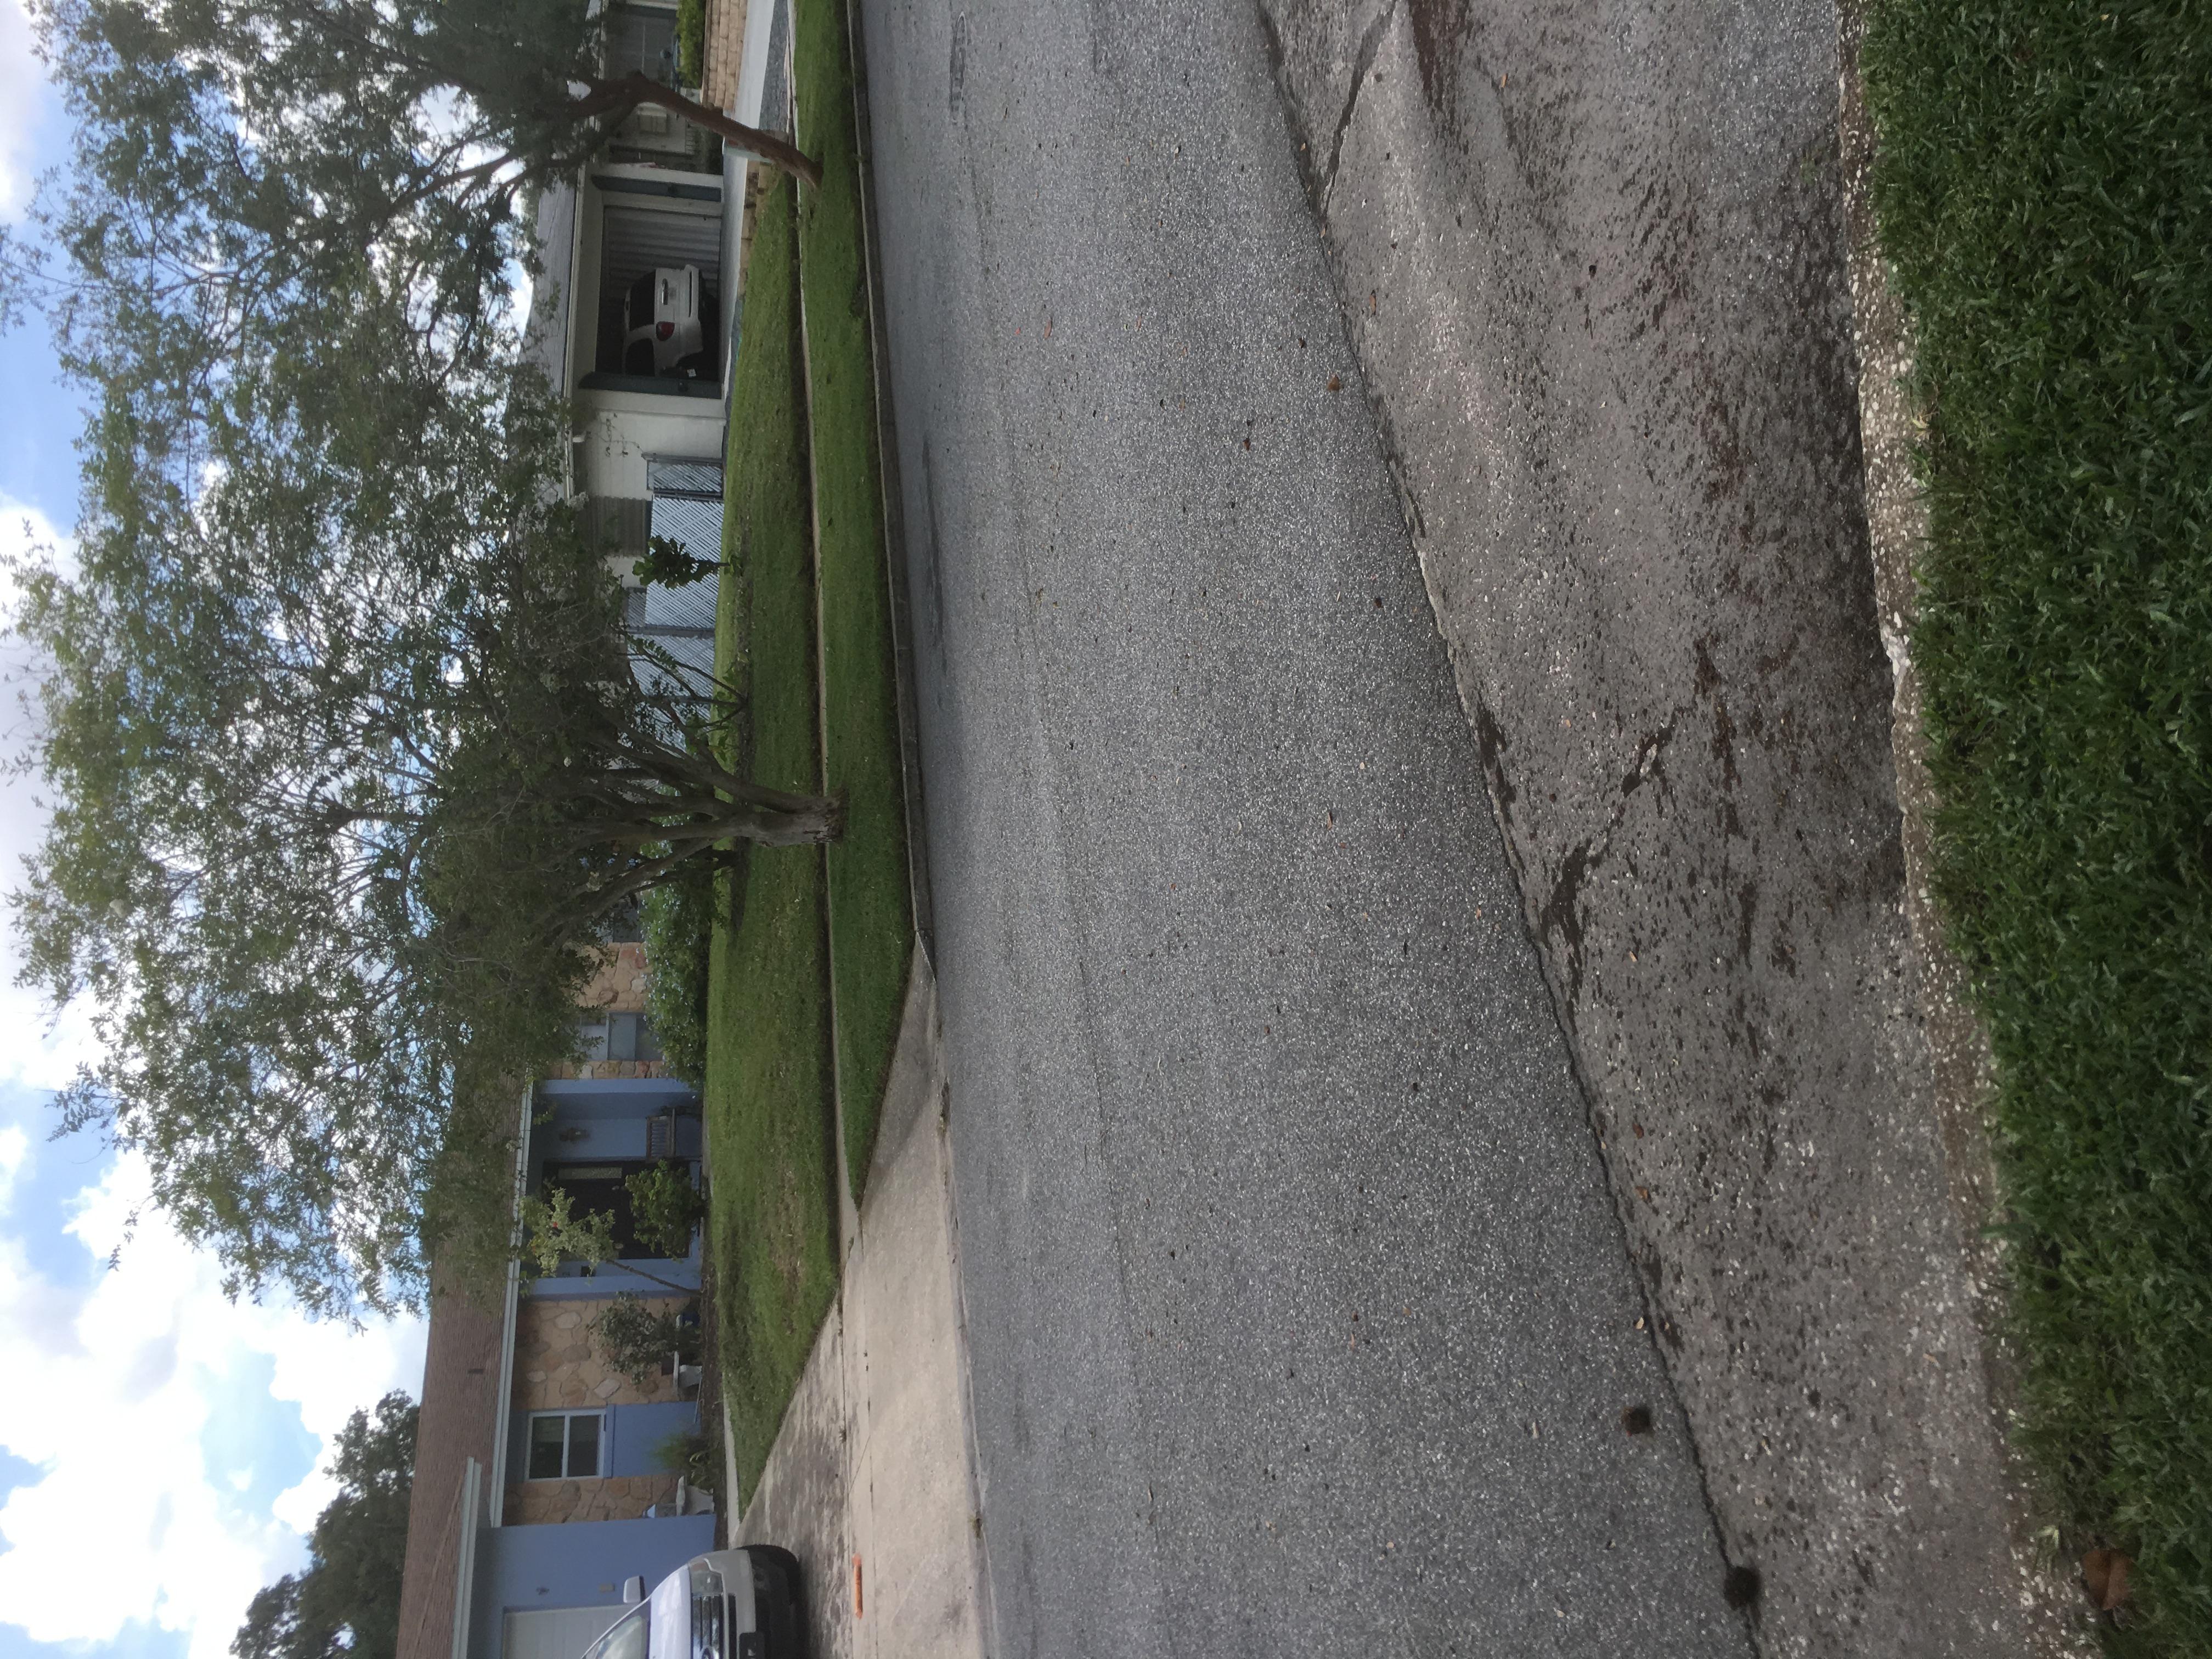 Lawn Mowing Contractor in Orlando, FL, 32811